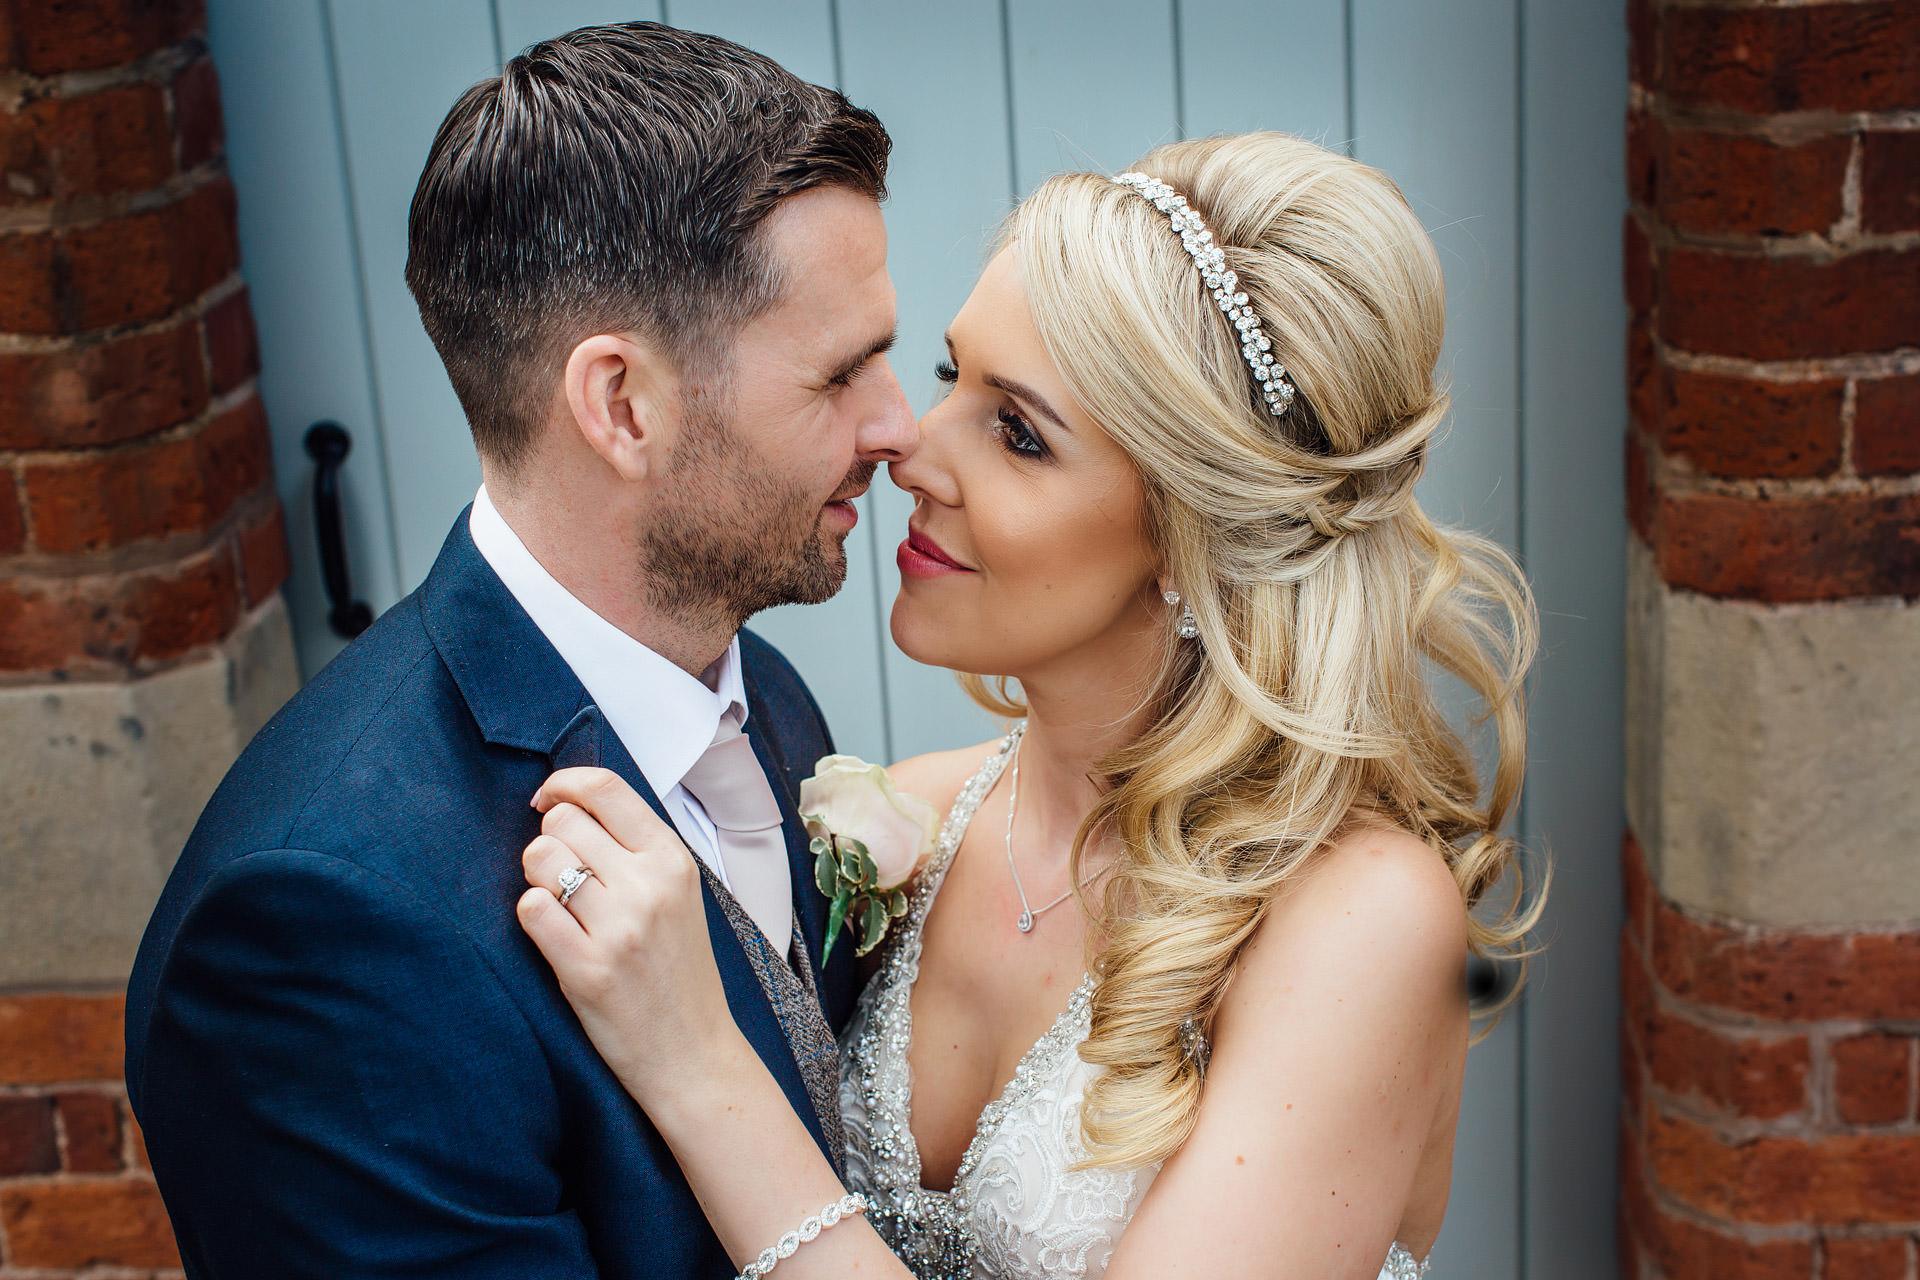 wedding couple embracing by blue door